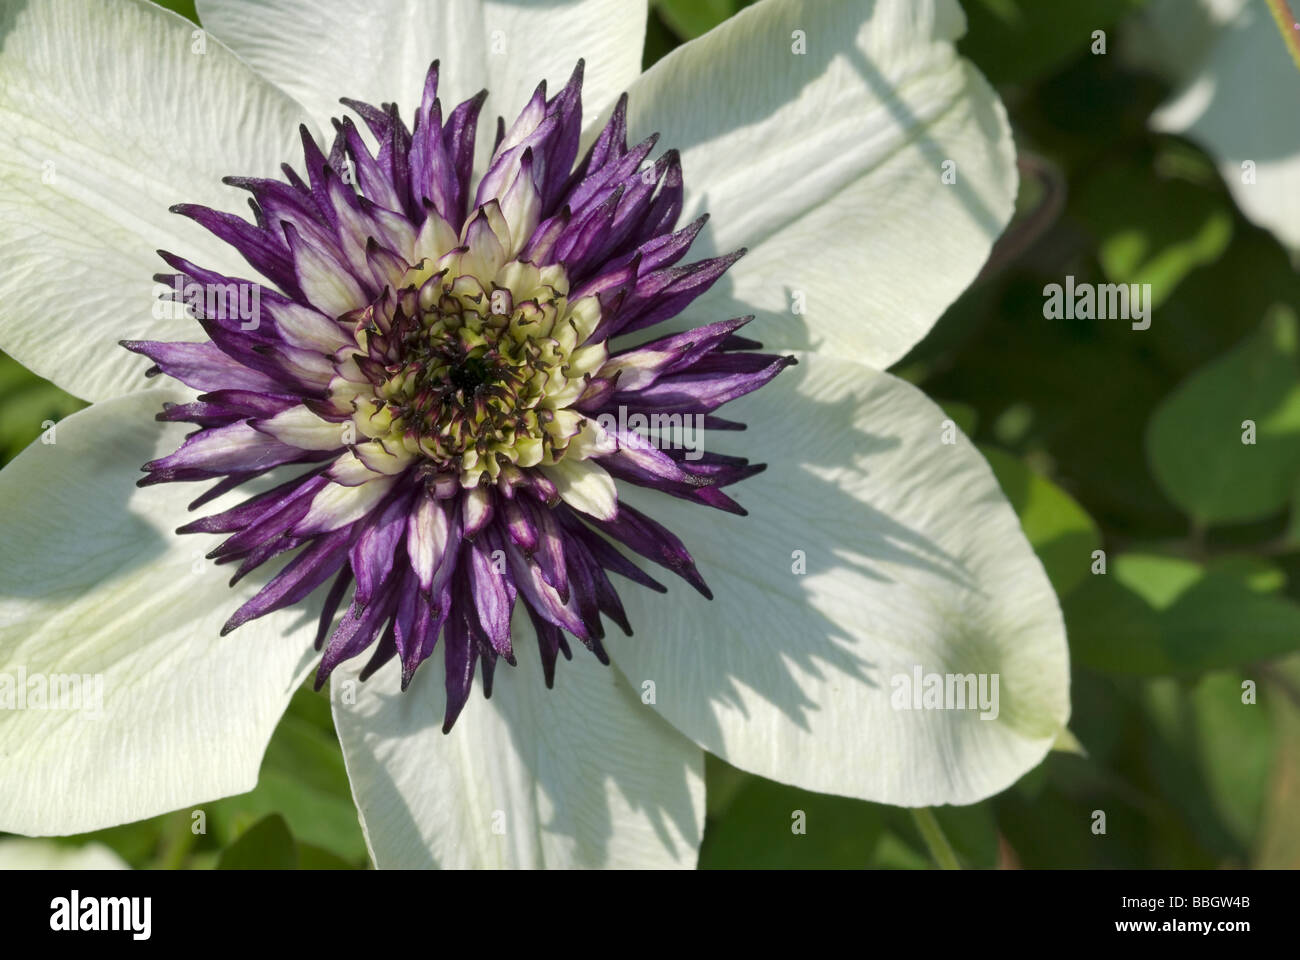 Flowers of Geraldton Wax (Chamelaucium uncinatum), Myrtaceae, Australia - Stock Image